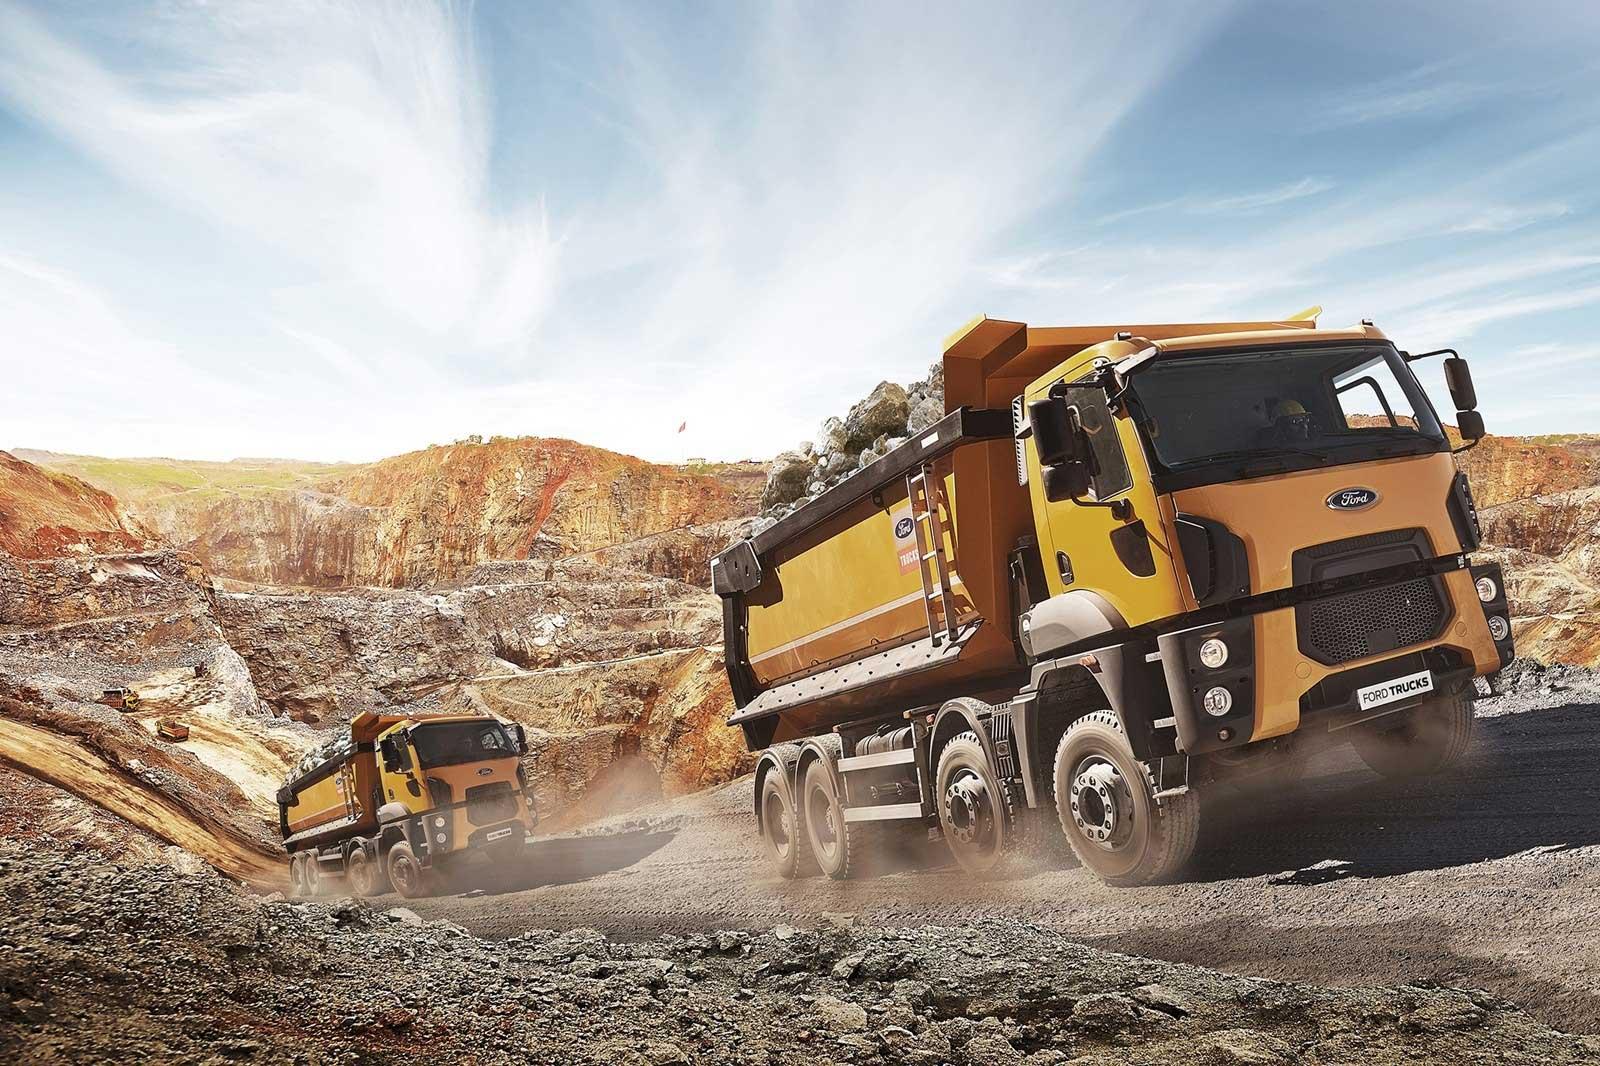 Rígido Obras Ford Trucks en Roque Nublo